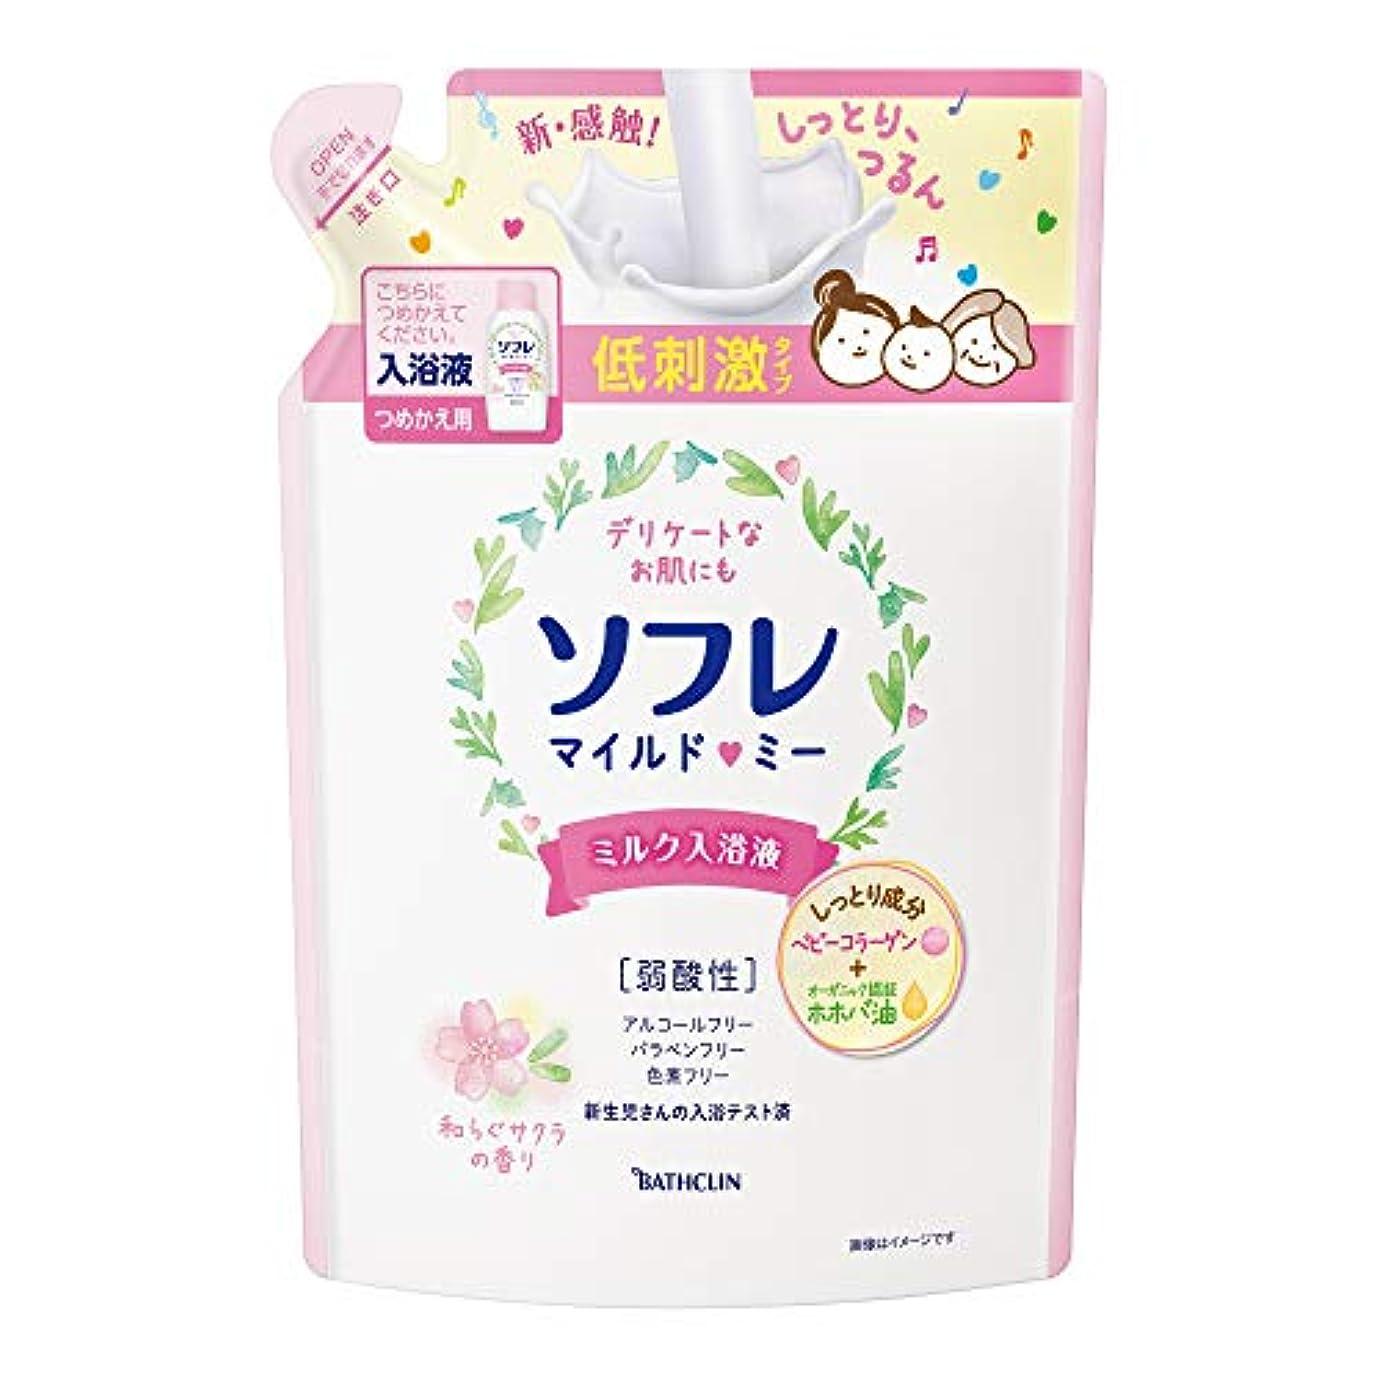 貫通するはず未満バスクリン ソフレ入浴液 マイルド?ミー ミルク 和らぐサクラの香り つめかえ用 600mL保湿 成分配合 赤ちゃんと一緒に使えます。